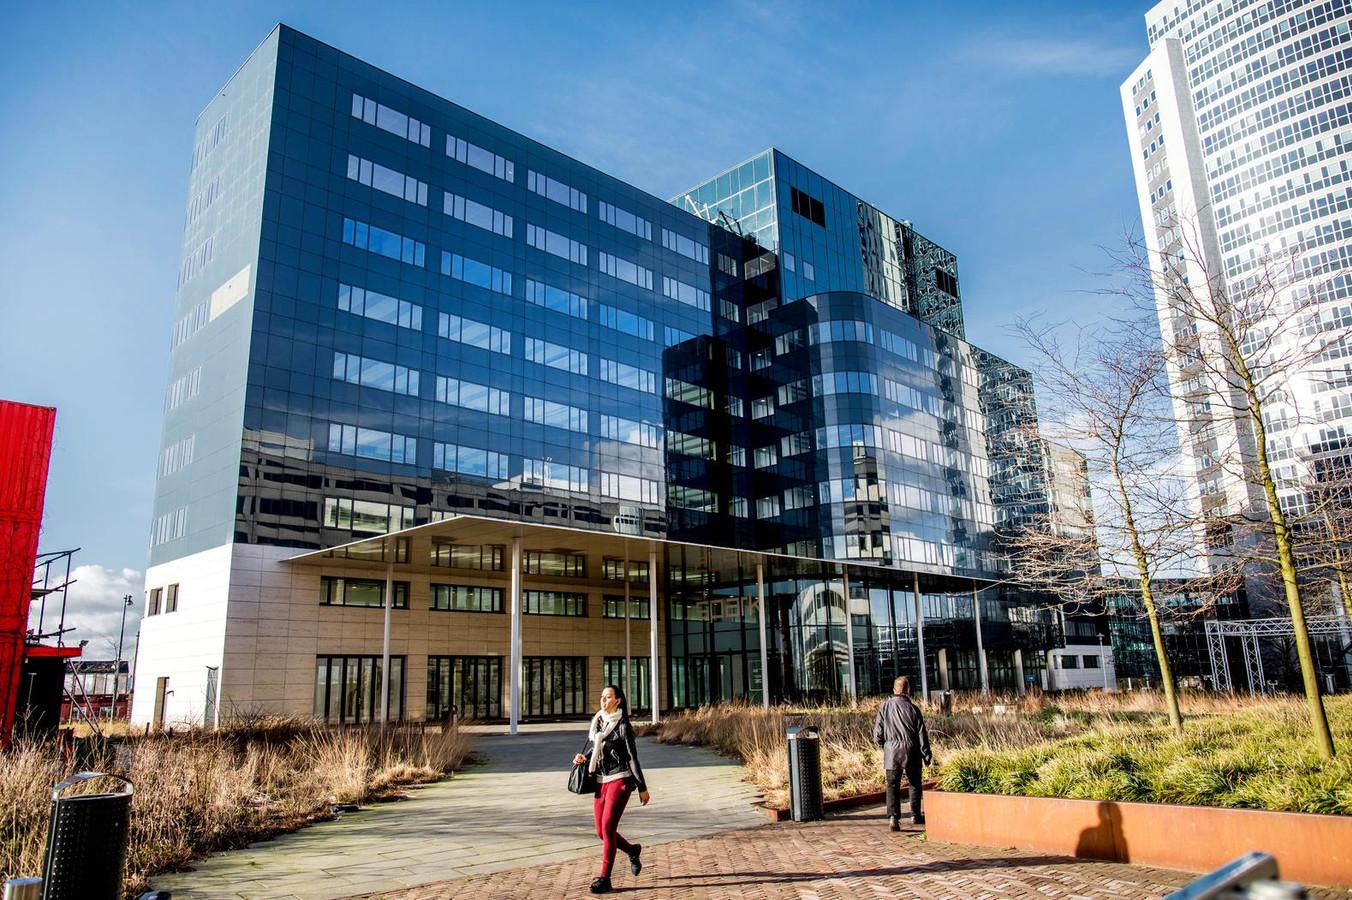 Het Spark-gebouw in Sloterdijk, het tijdelijk onderkomen van het Europees Geneesmiddelenbureau (EMA).